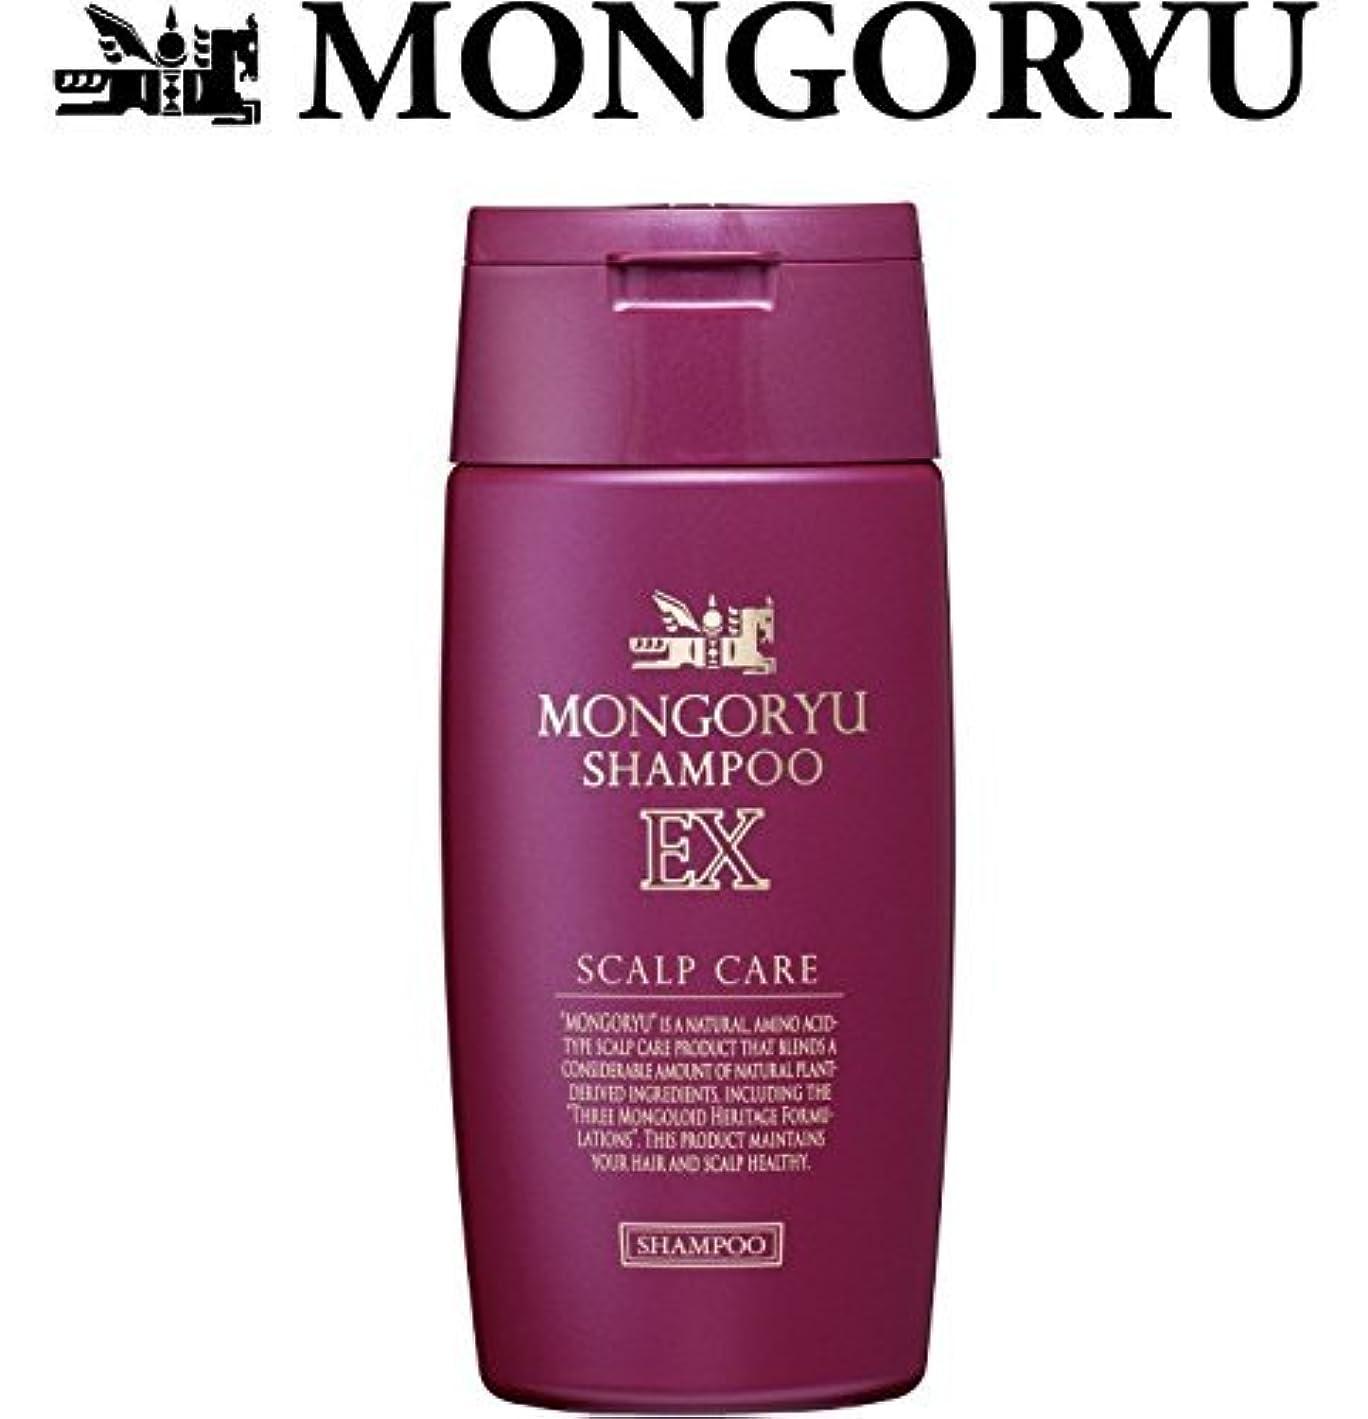 ハードウェア試す活気づけるモンゴ流 スカルプシャンプーEX 200ml / 【2018年 リニューアル最新版】 フレッシュライムの香り MONGORYU